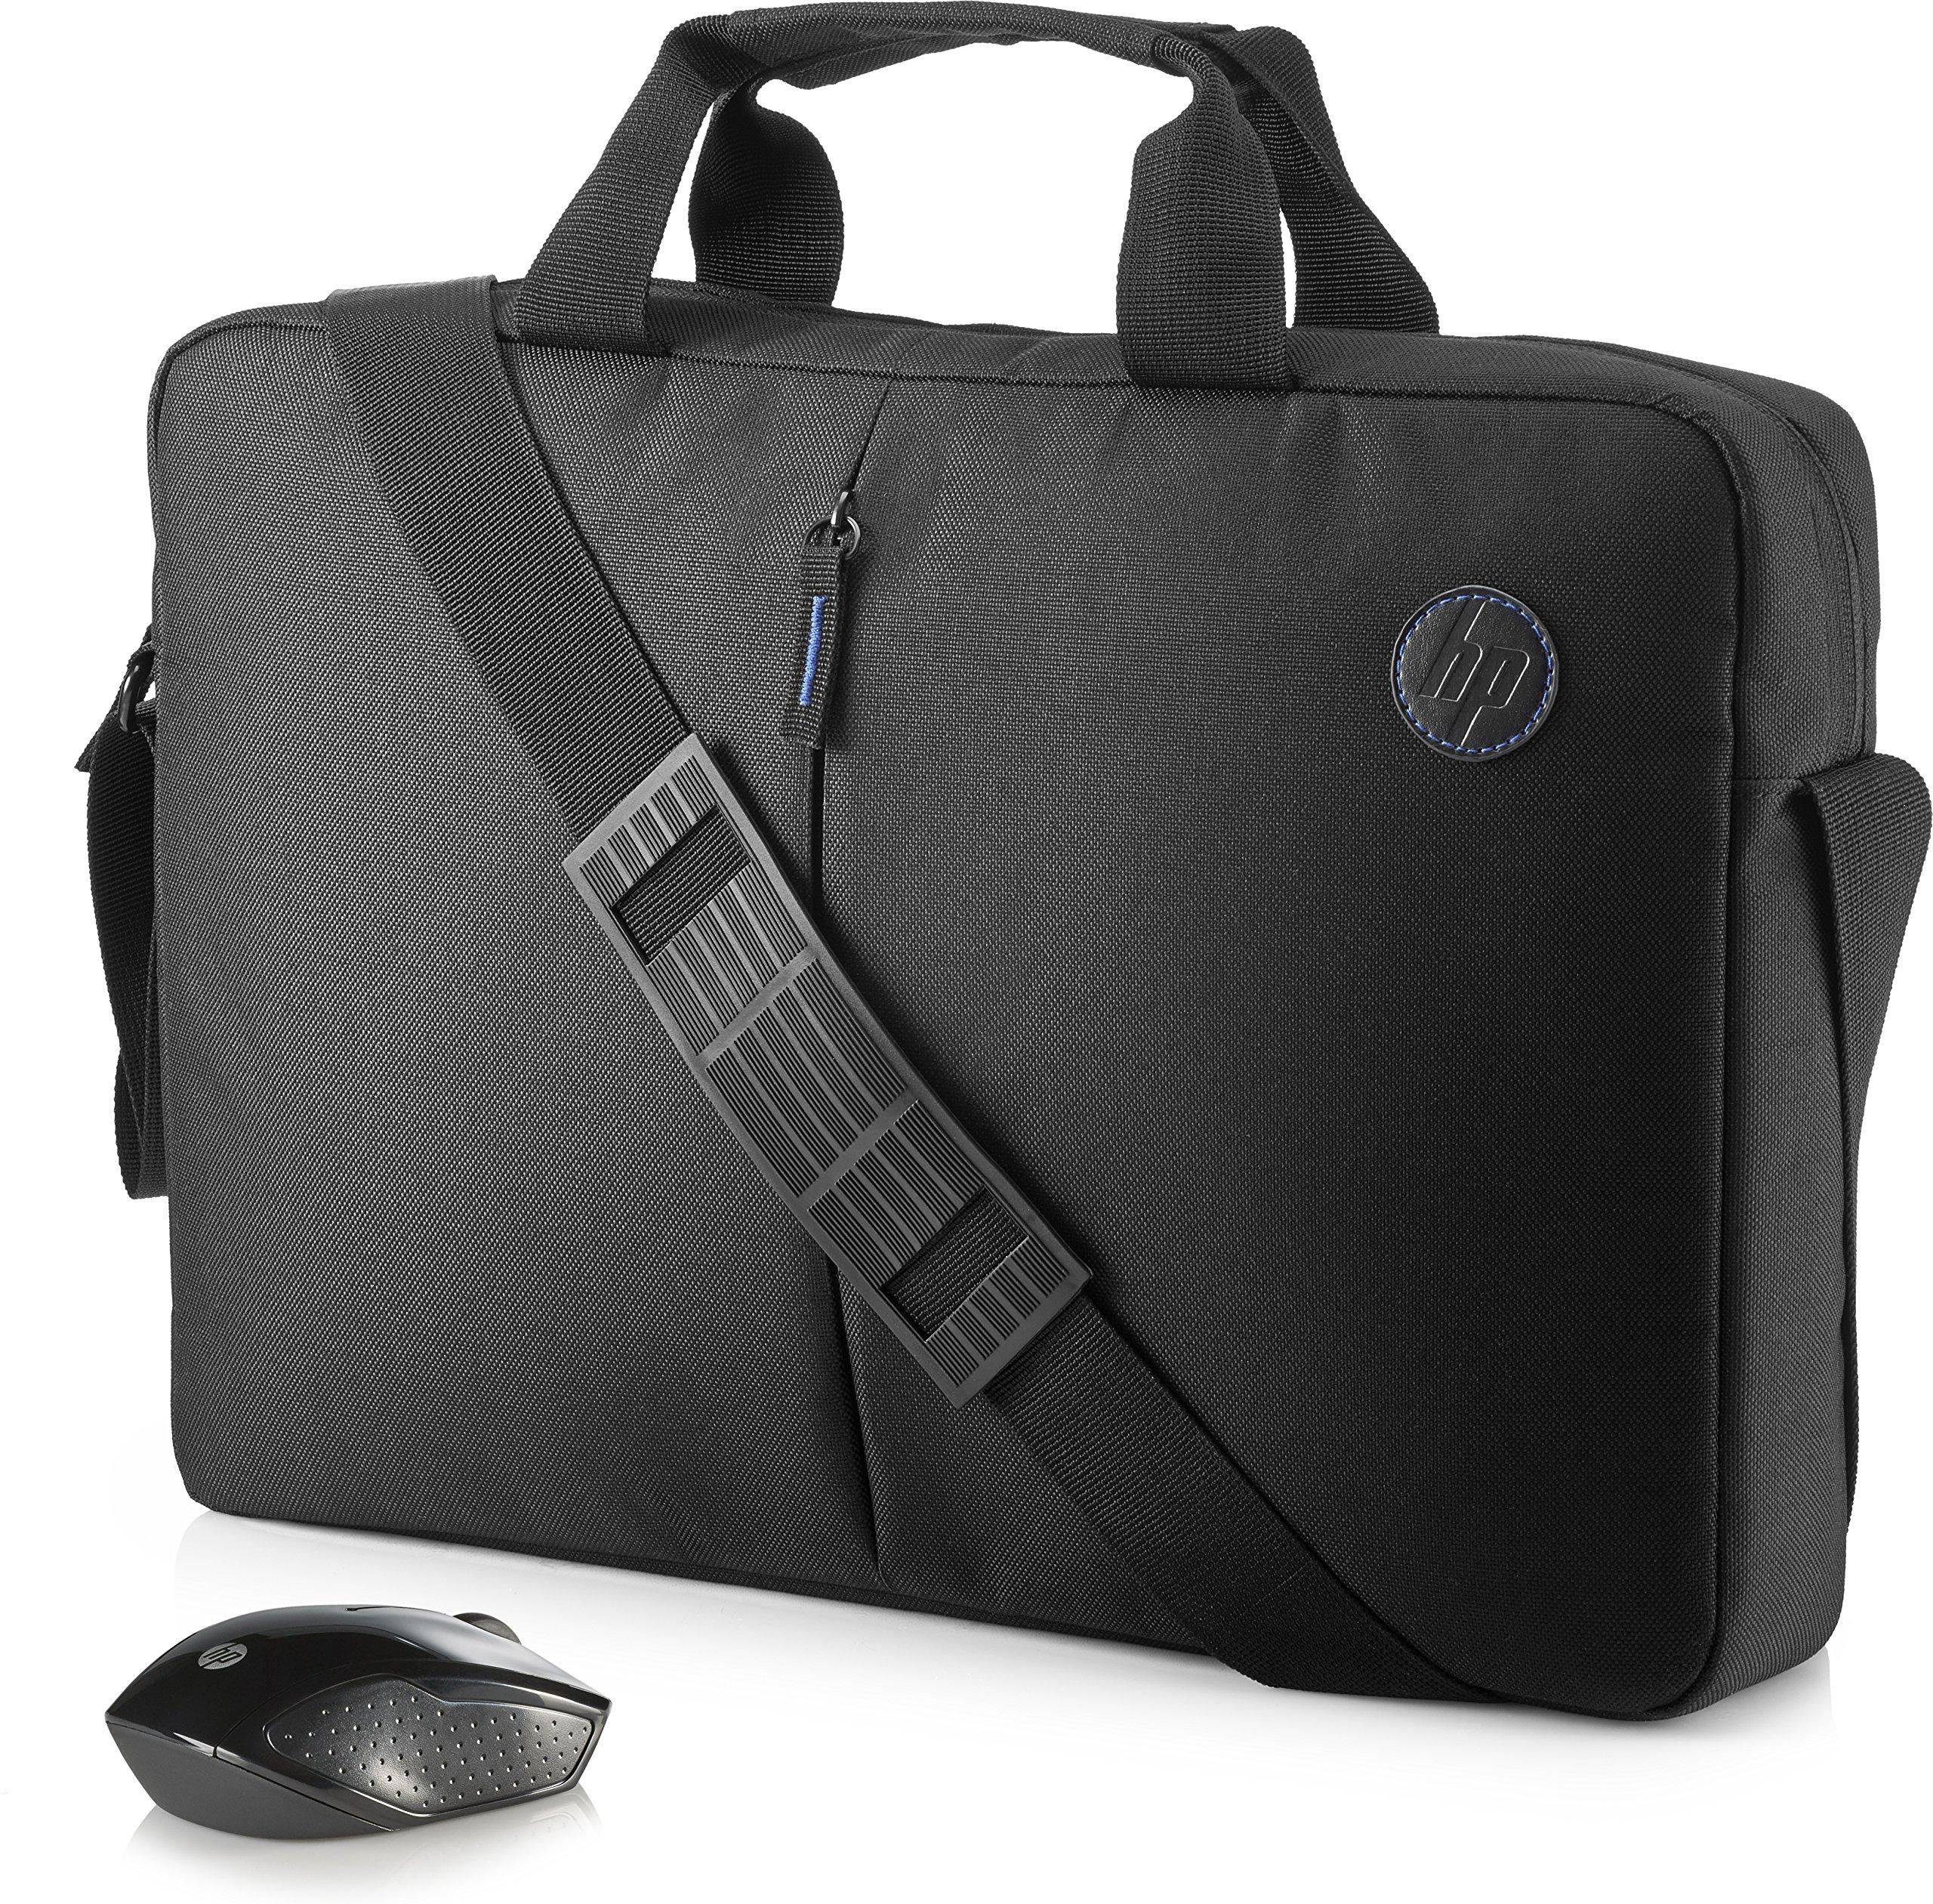 HP Value - Pack de maletín y ratón inalámbrico (portátiles hasta 15.6 pulgadas, bolsillos organizadores, tejido resistente), color negro